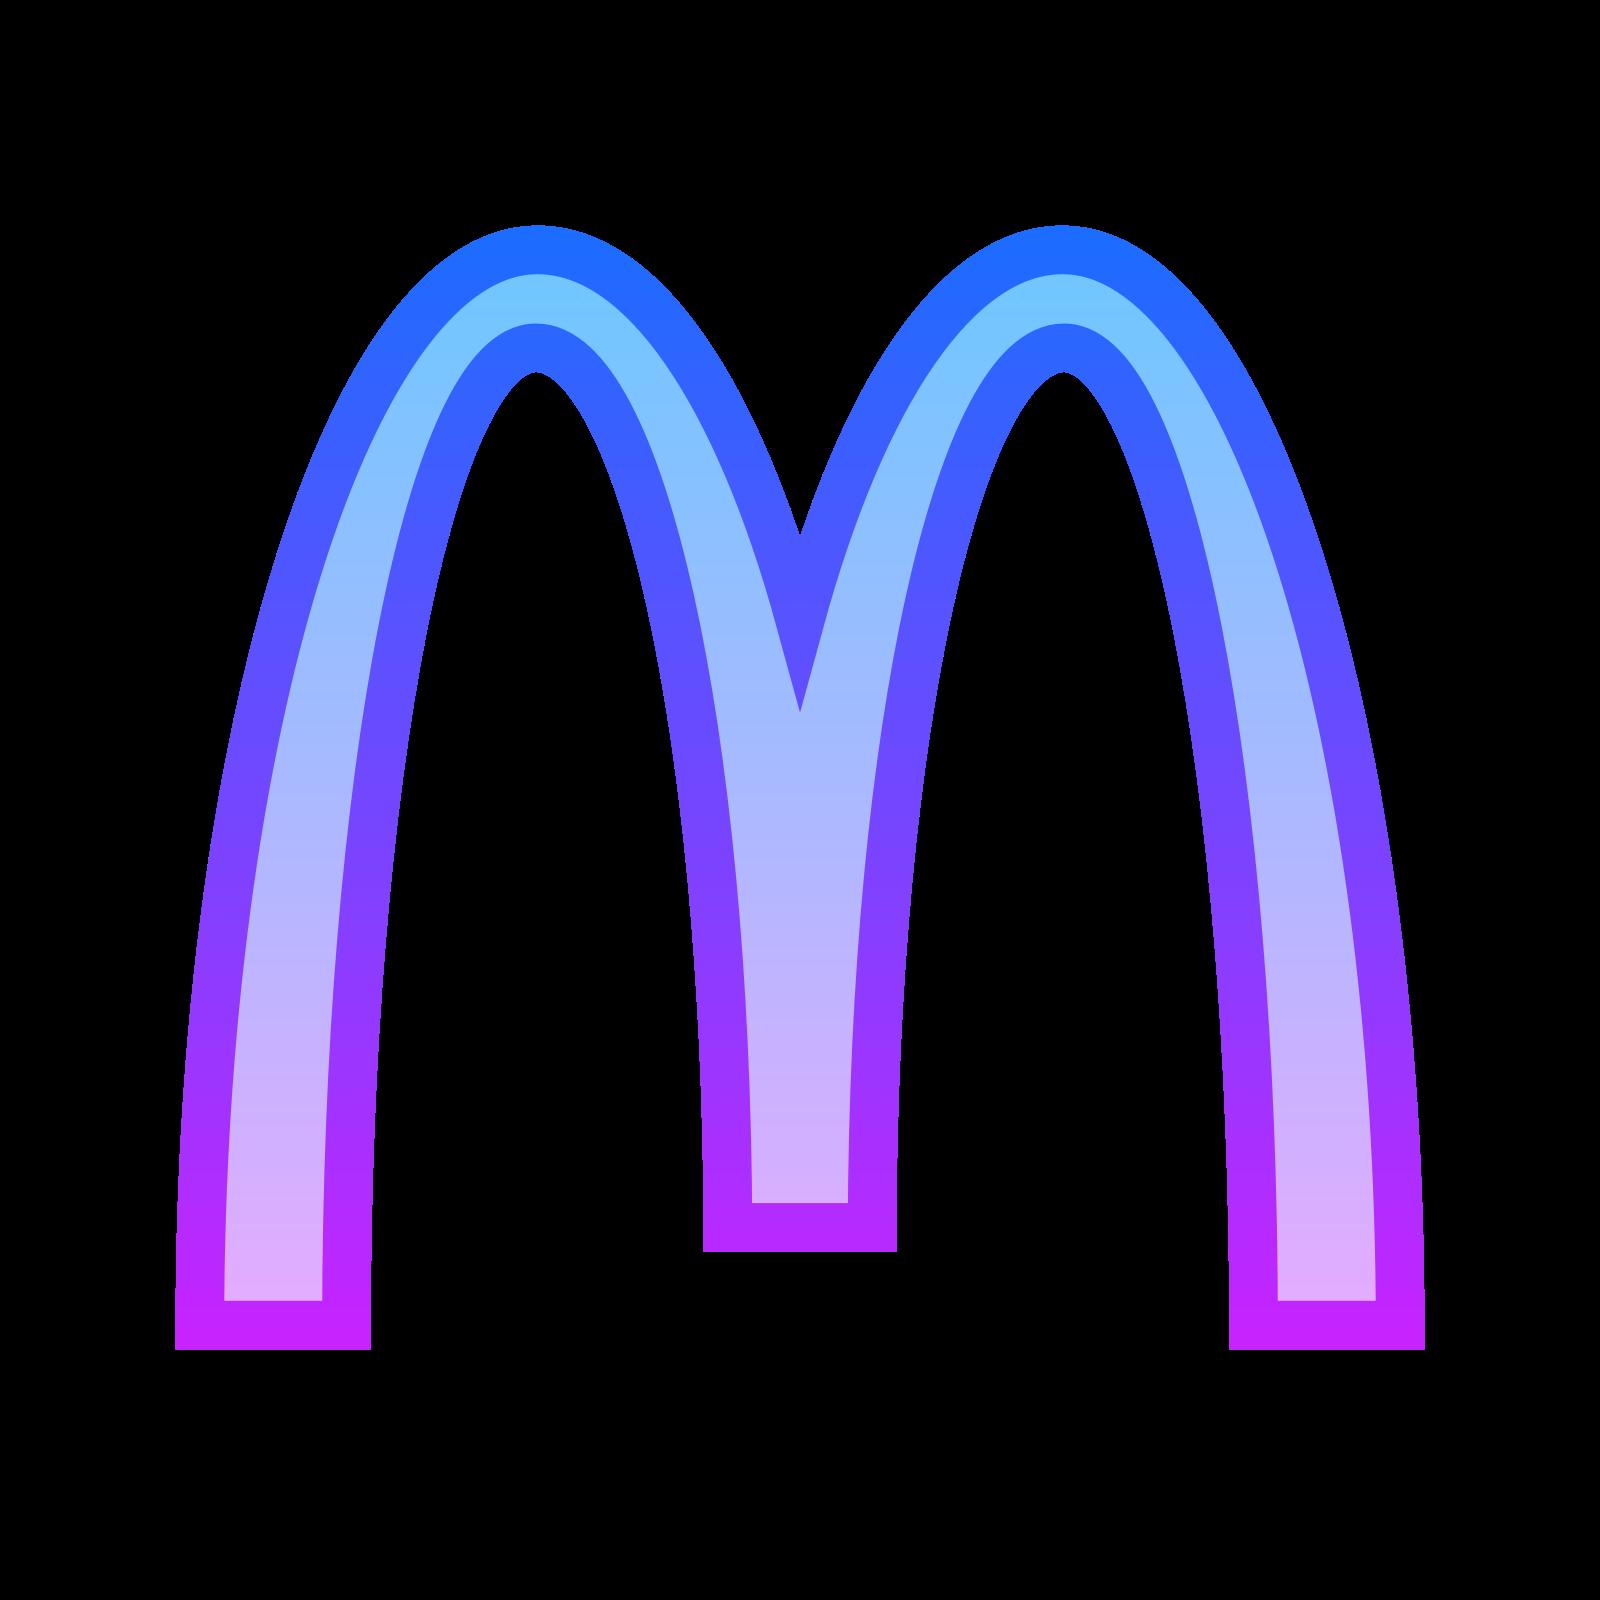 McDonalds icon